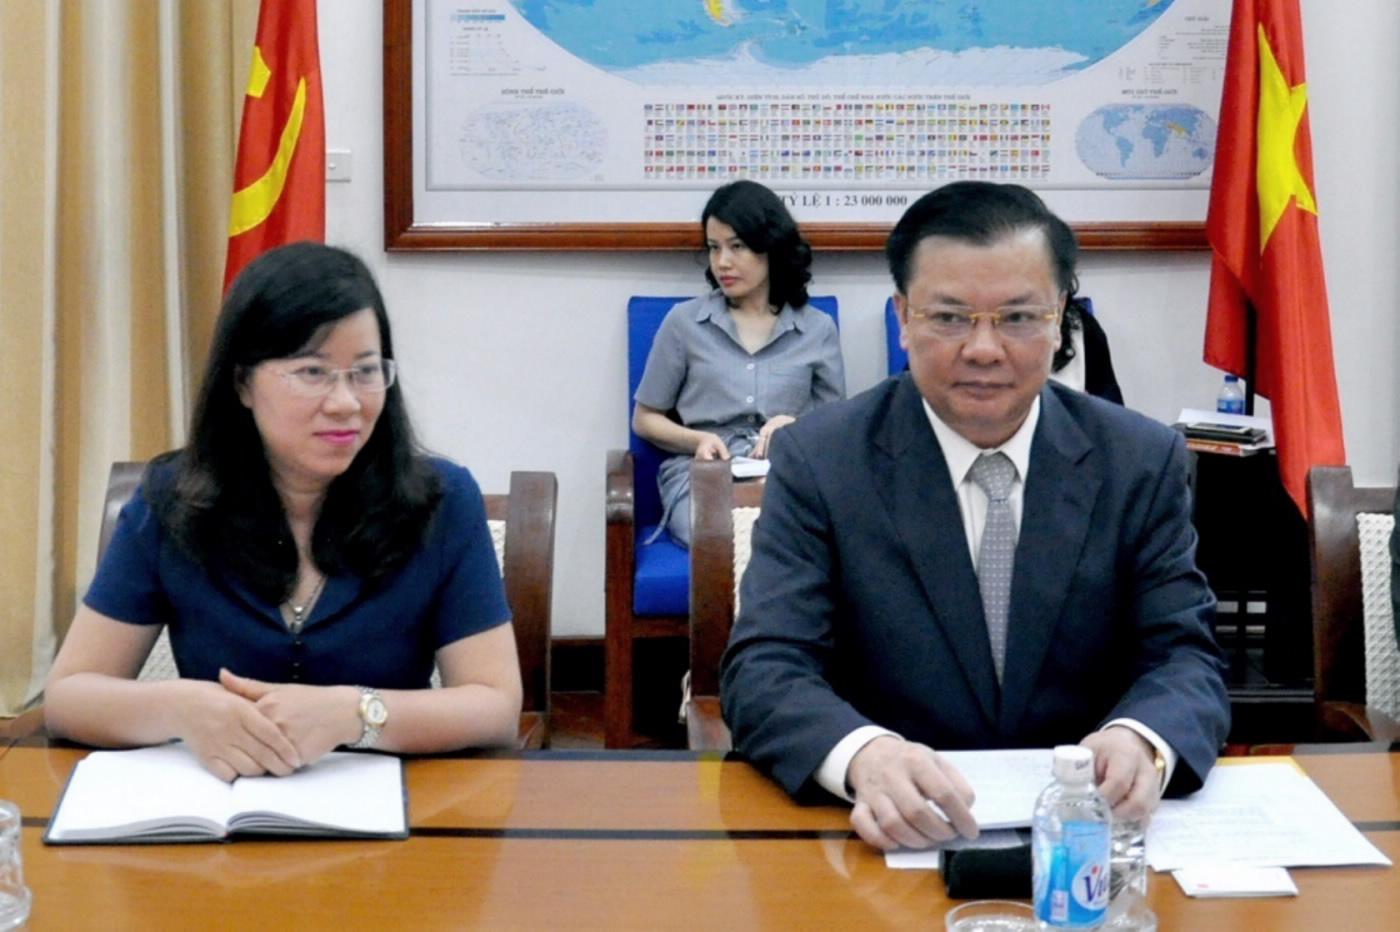 ACCA sẵn sàng hỗ trợ Bộ Tài chính hoàn thiện khuôn khổ pháp lý về kế toán, kiểm toán